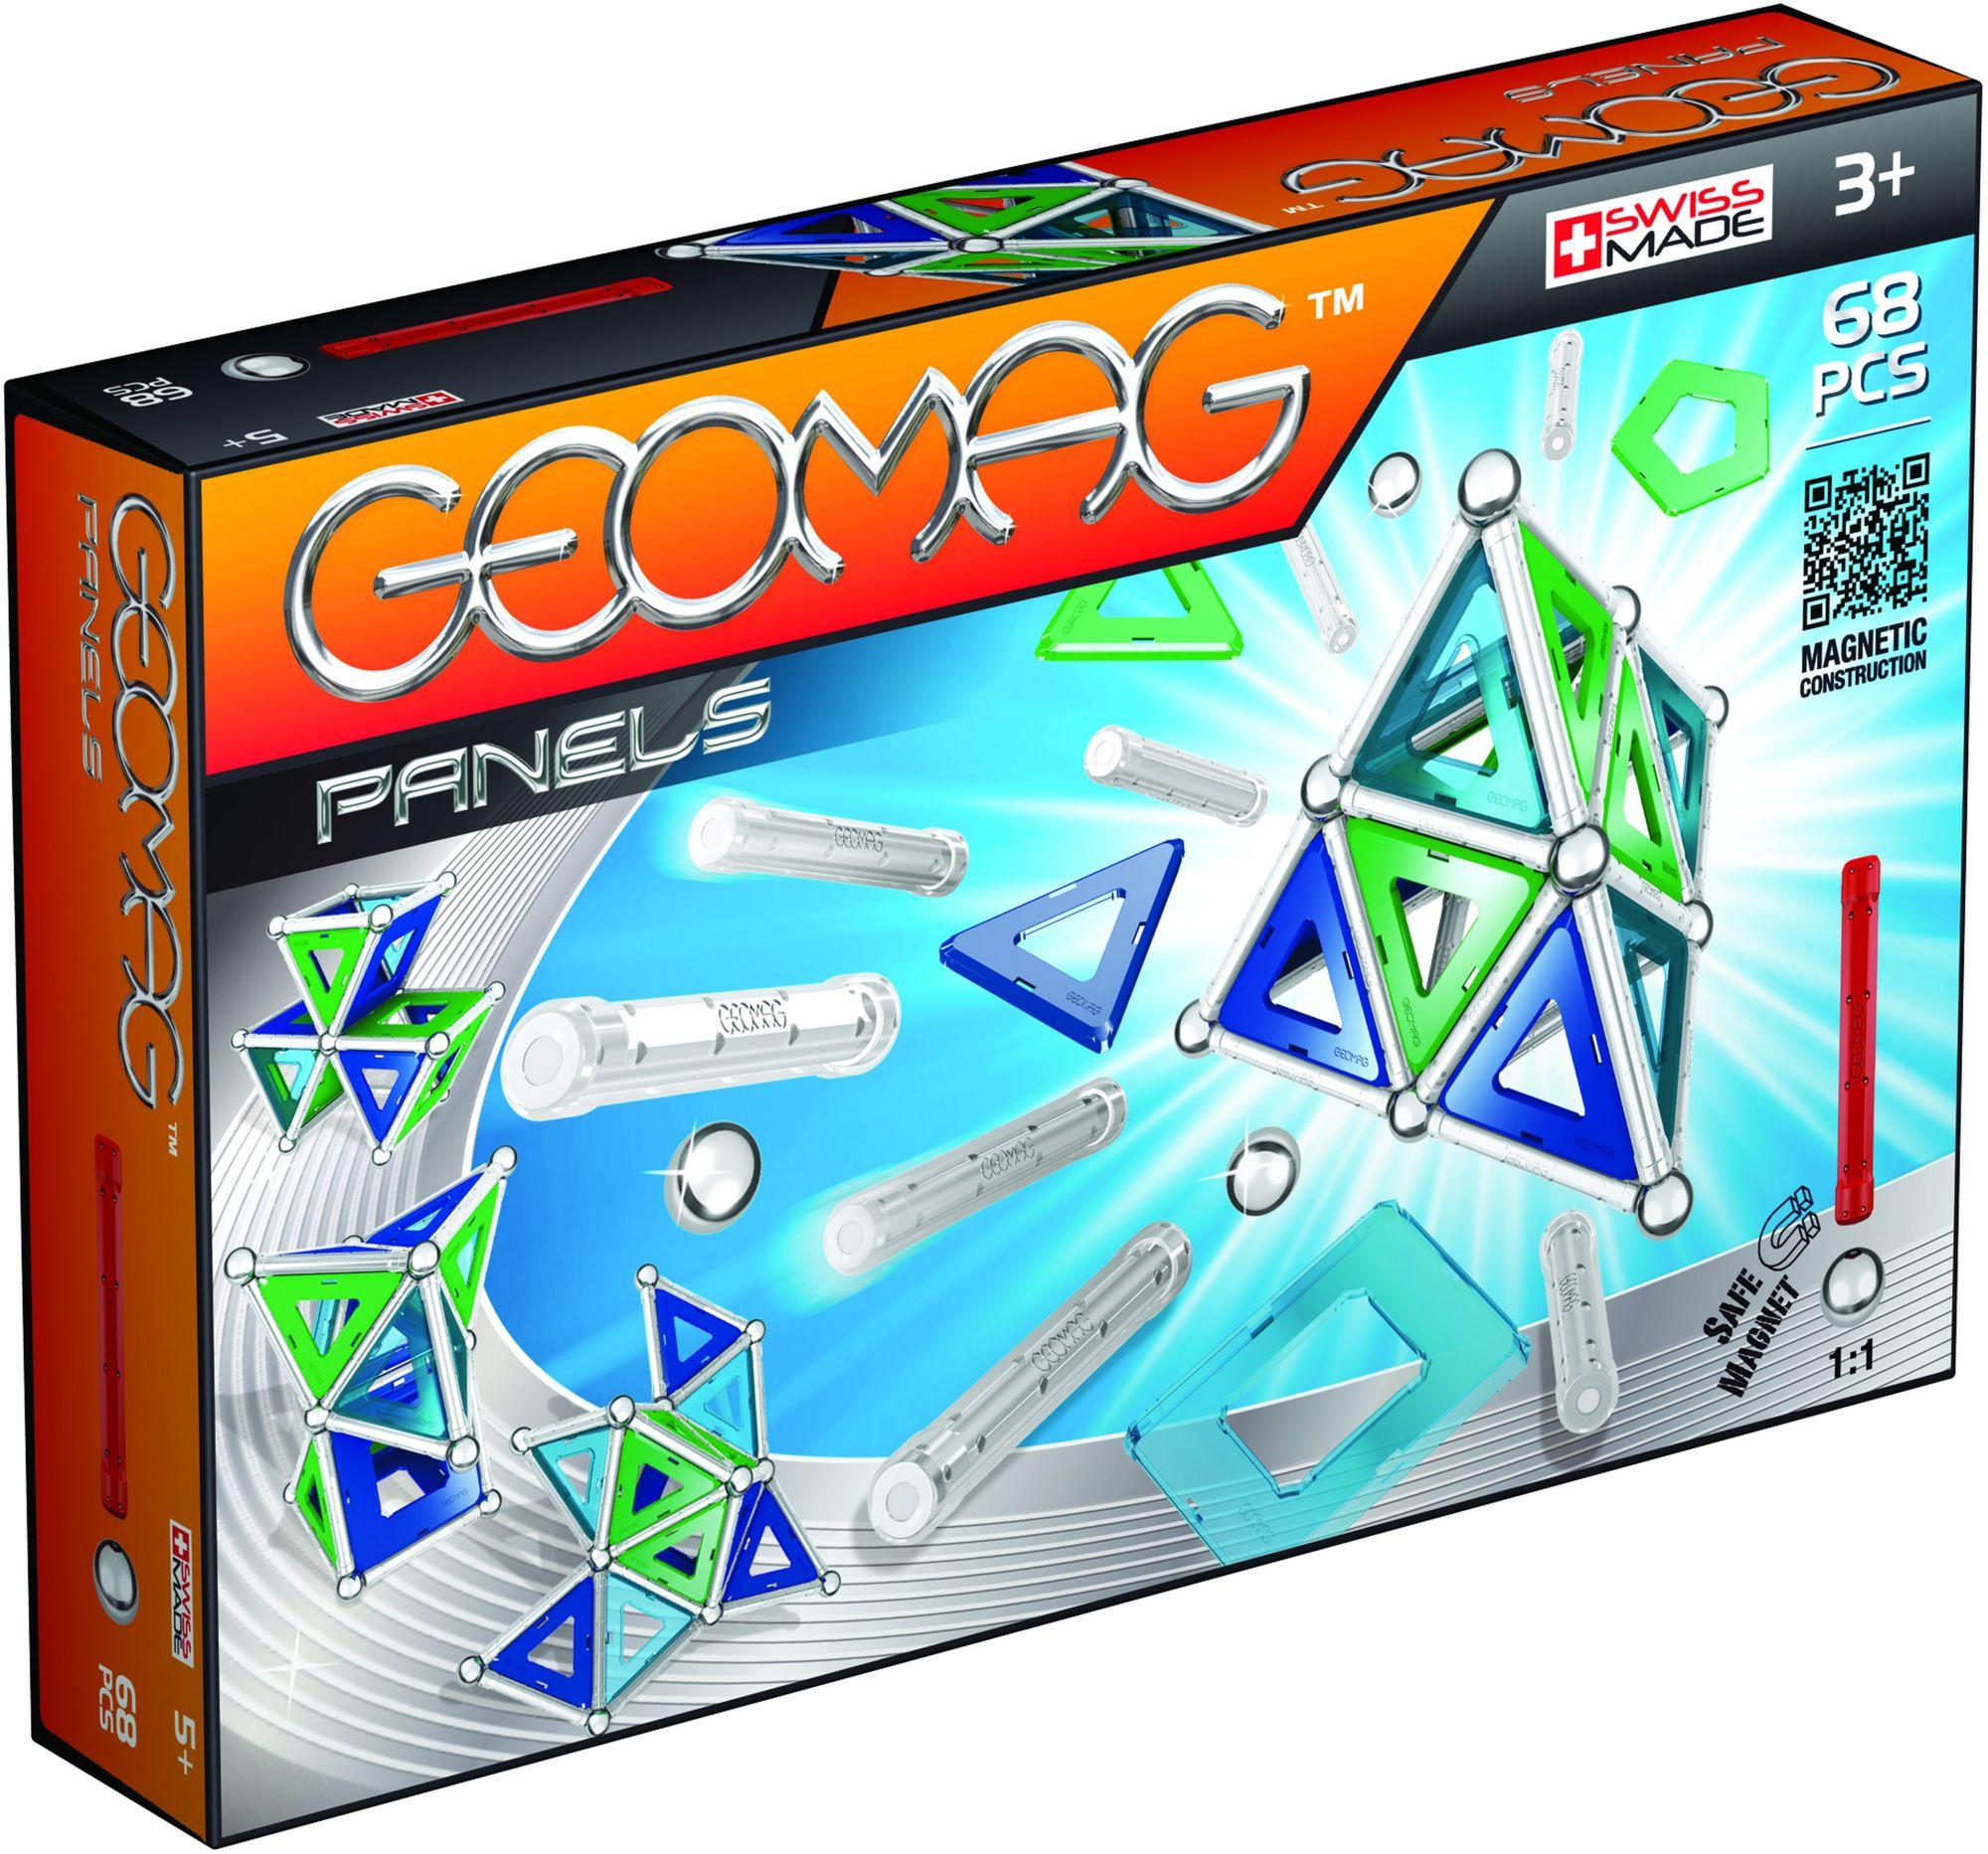 GEOMAG Geomag? Konstruktionsspielzeug (68-tlg.), »Panels«